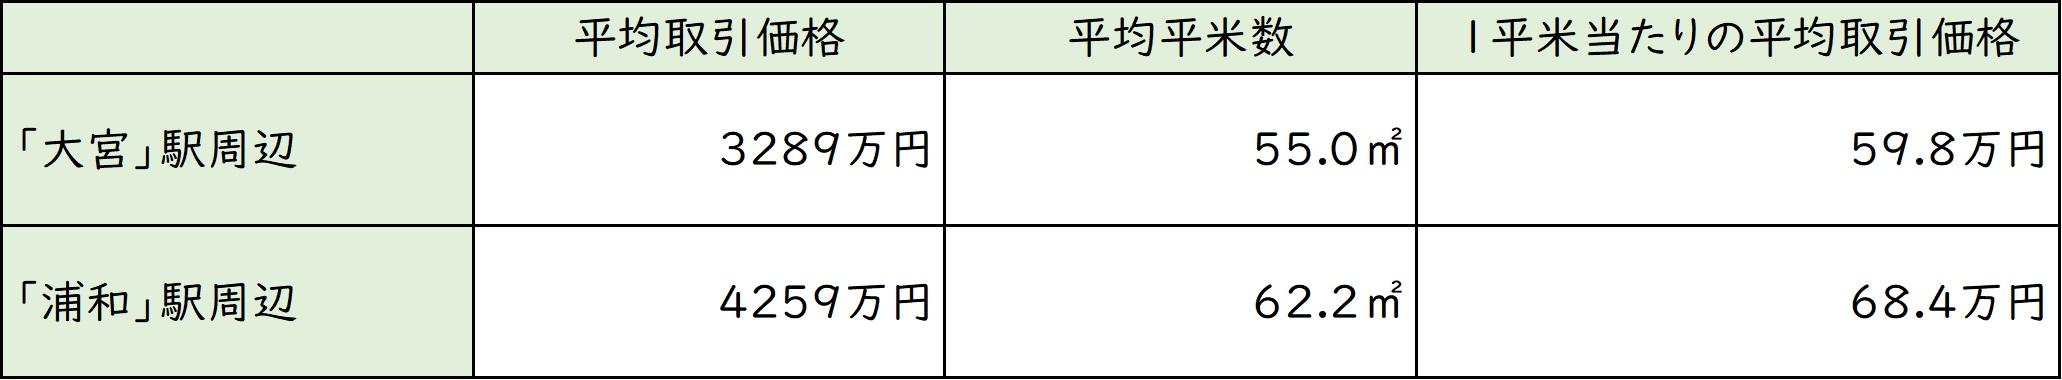 浦和 Vs 大宮 さいたまの中心はどちらだ 富裕層向け資産防衛